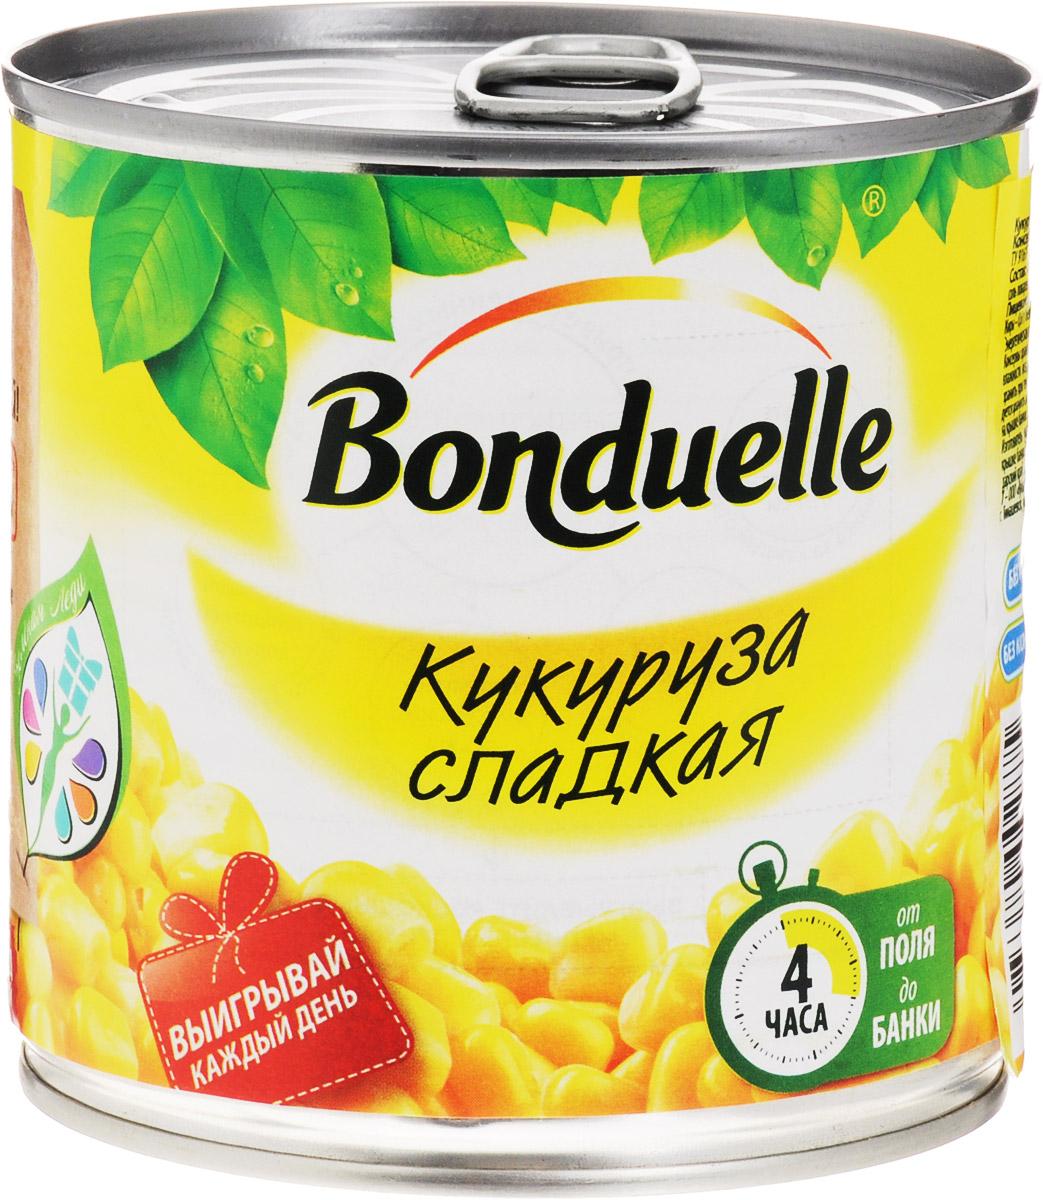 Bonduelle кукуруза сладкая, 340 г 2445